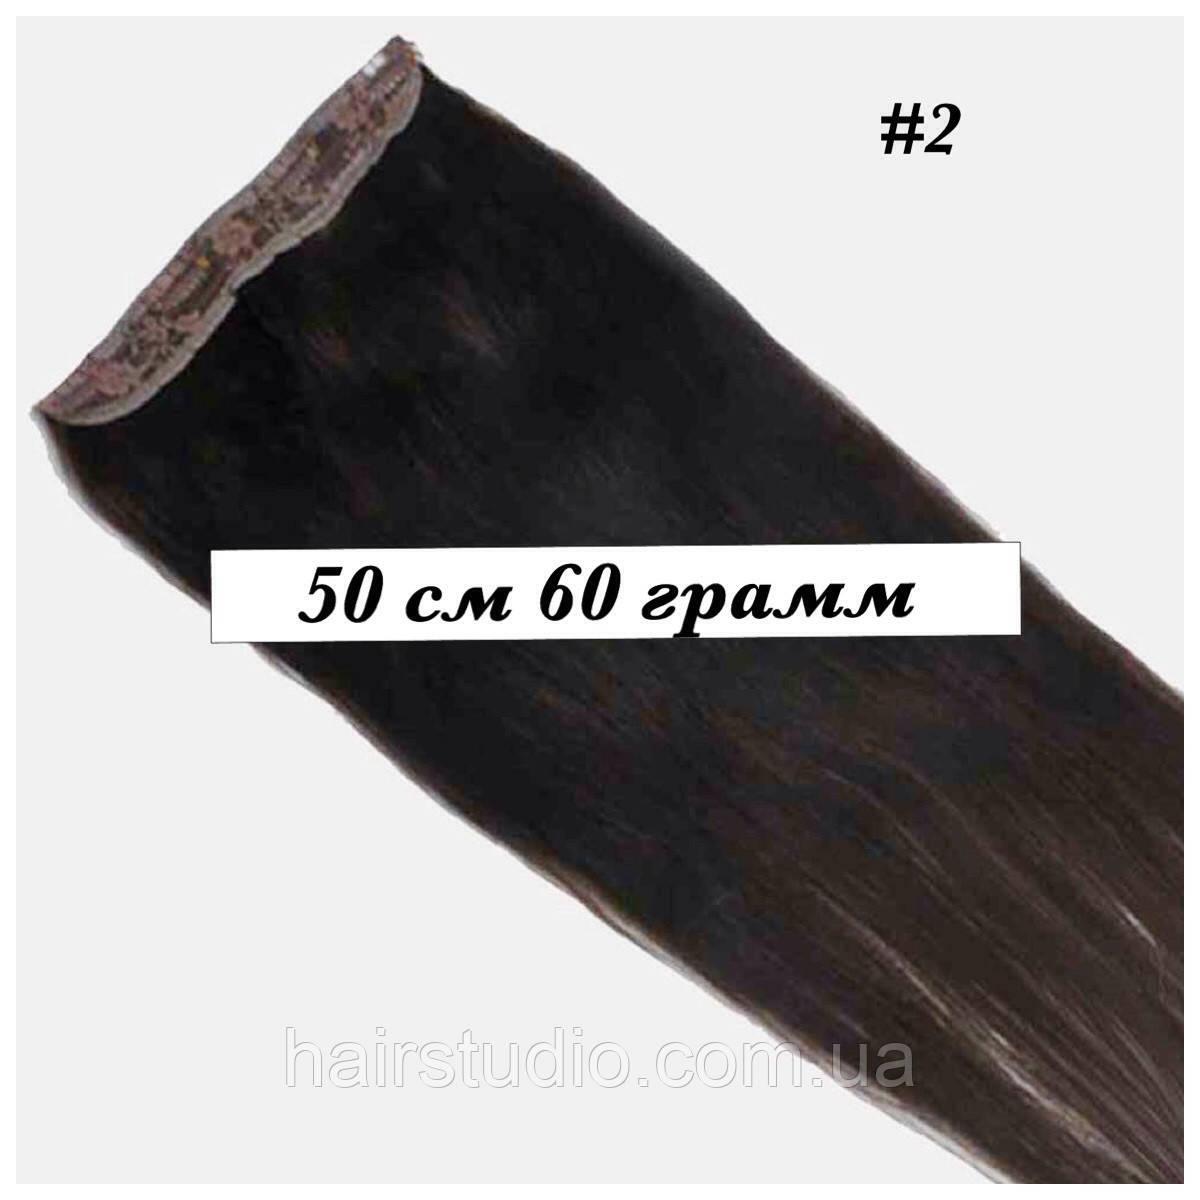 Одне пасмо волосся 60 грам 60 см